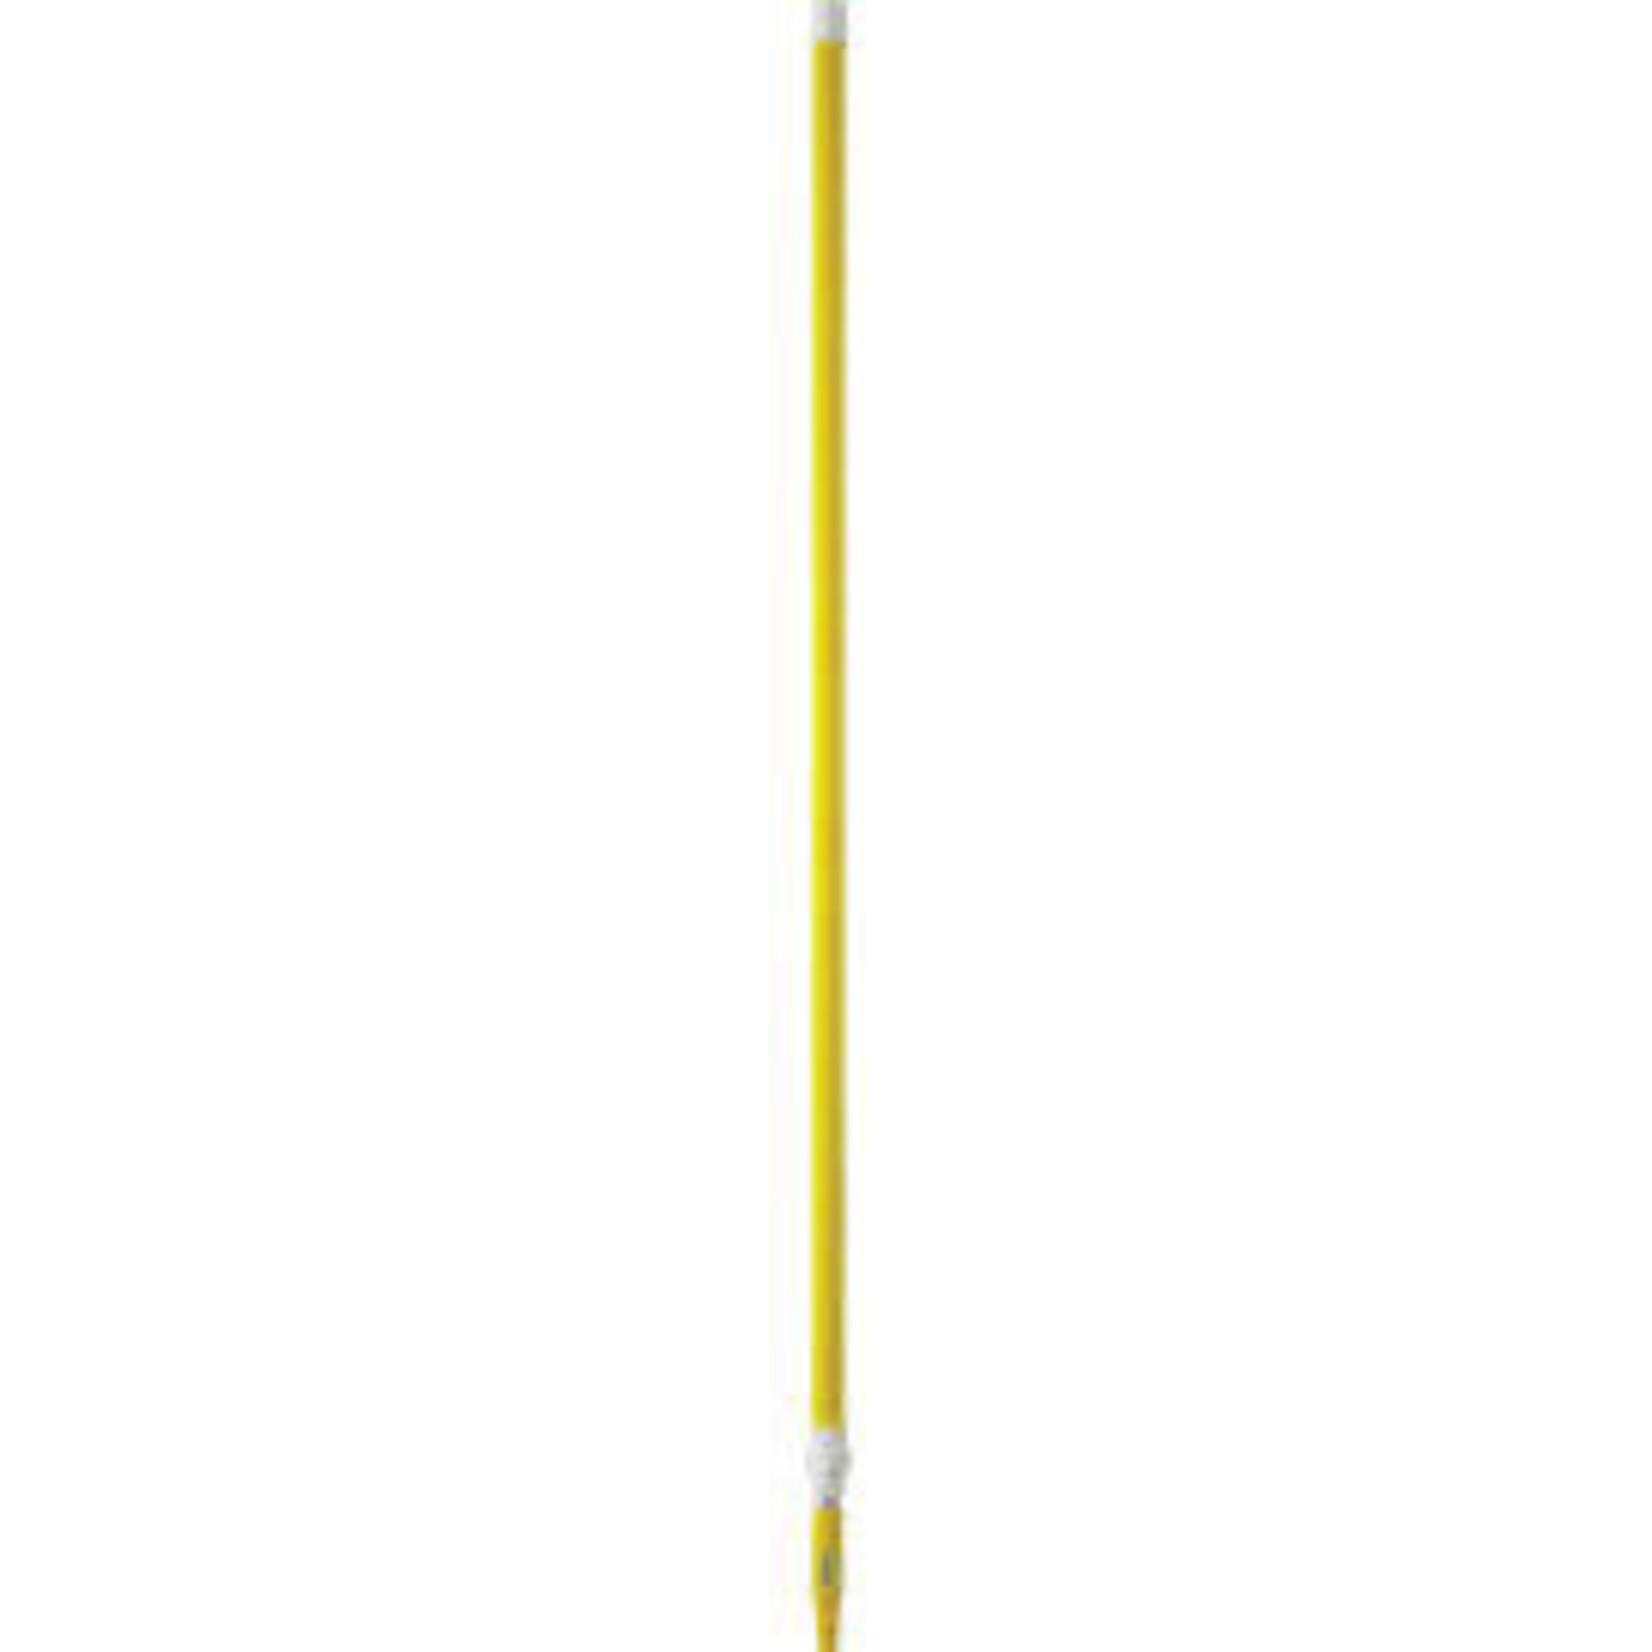 TELESCOPIC POLE-YELLOW